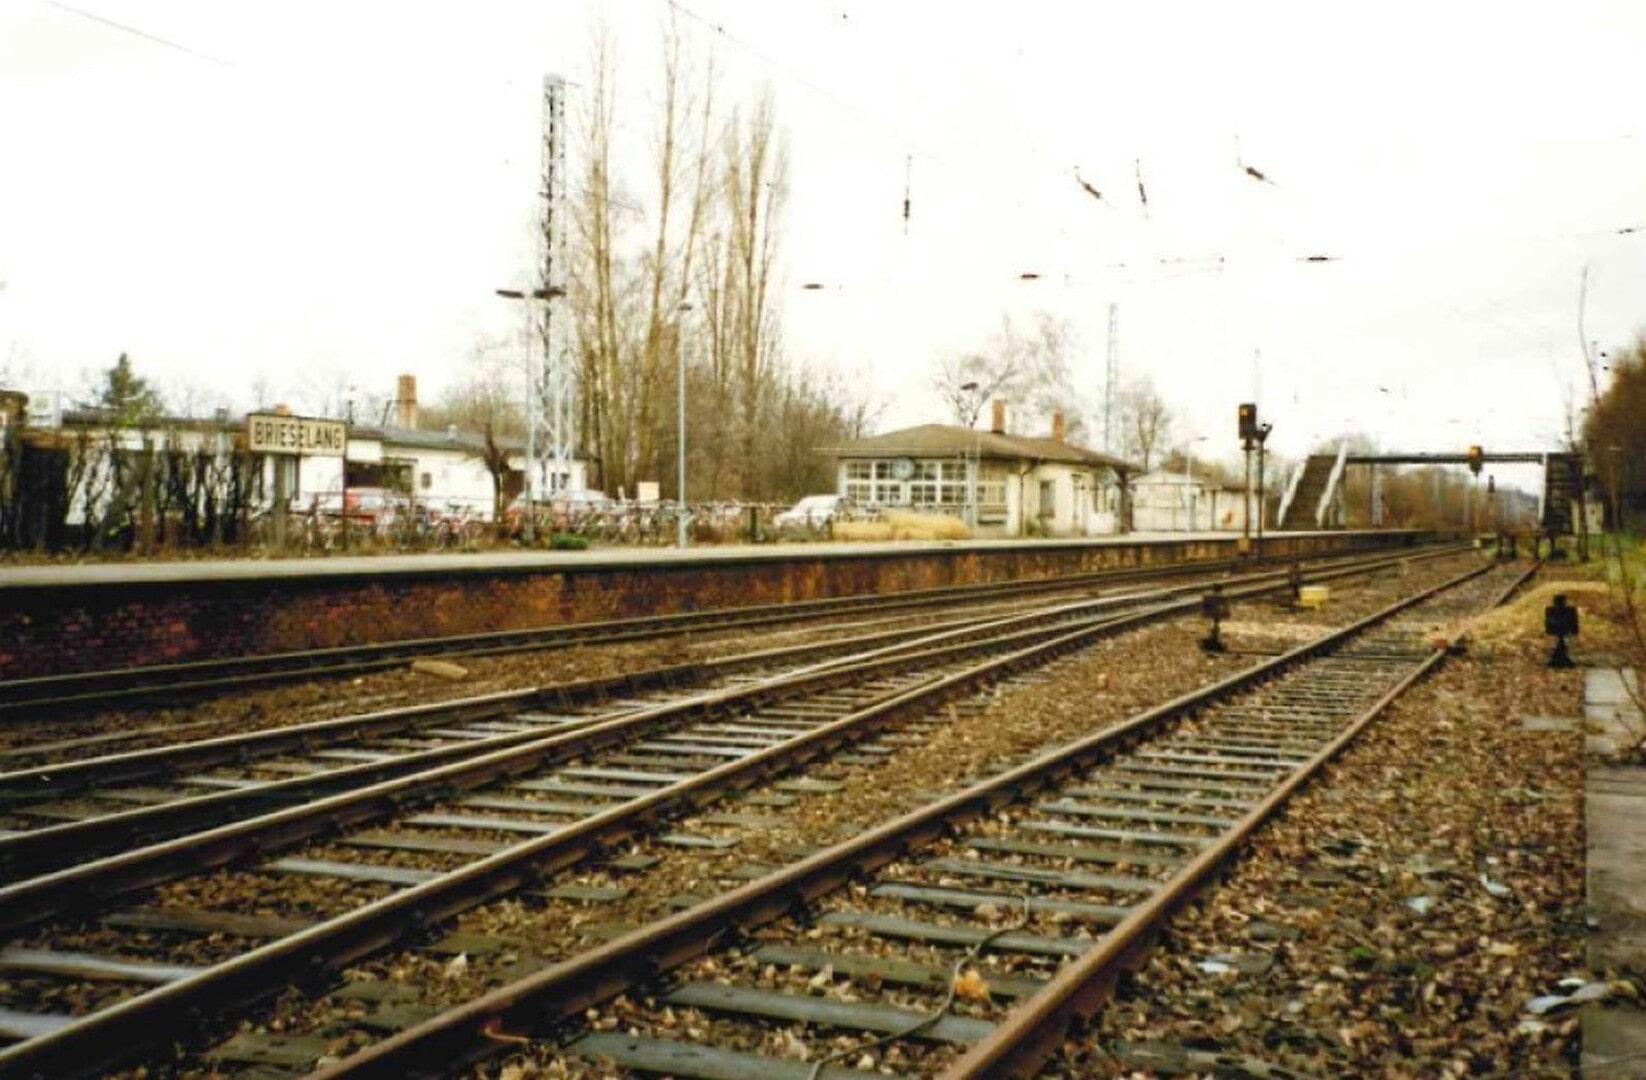 Bahnhof Brieselang Herbst 1994 links Gaststäte Lisel Foto Arno Heinrich.jpg